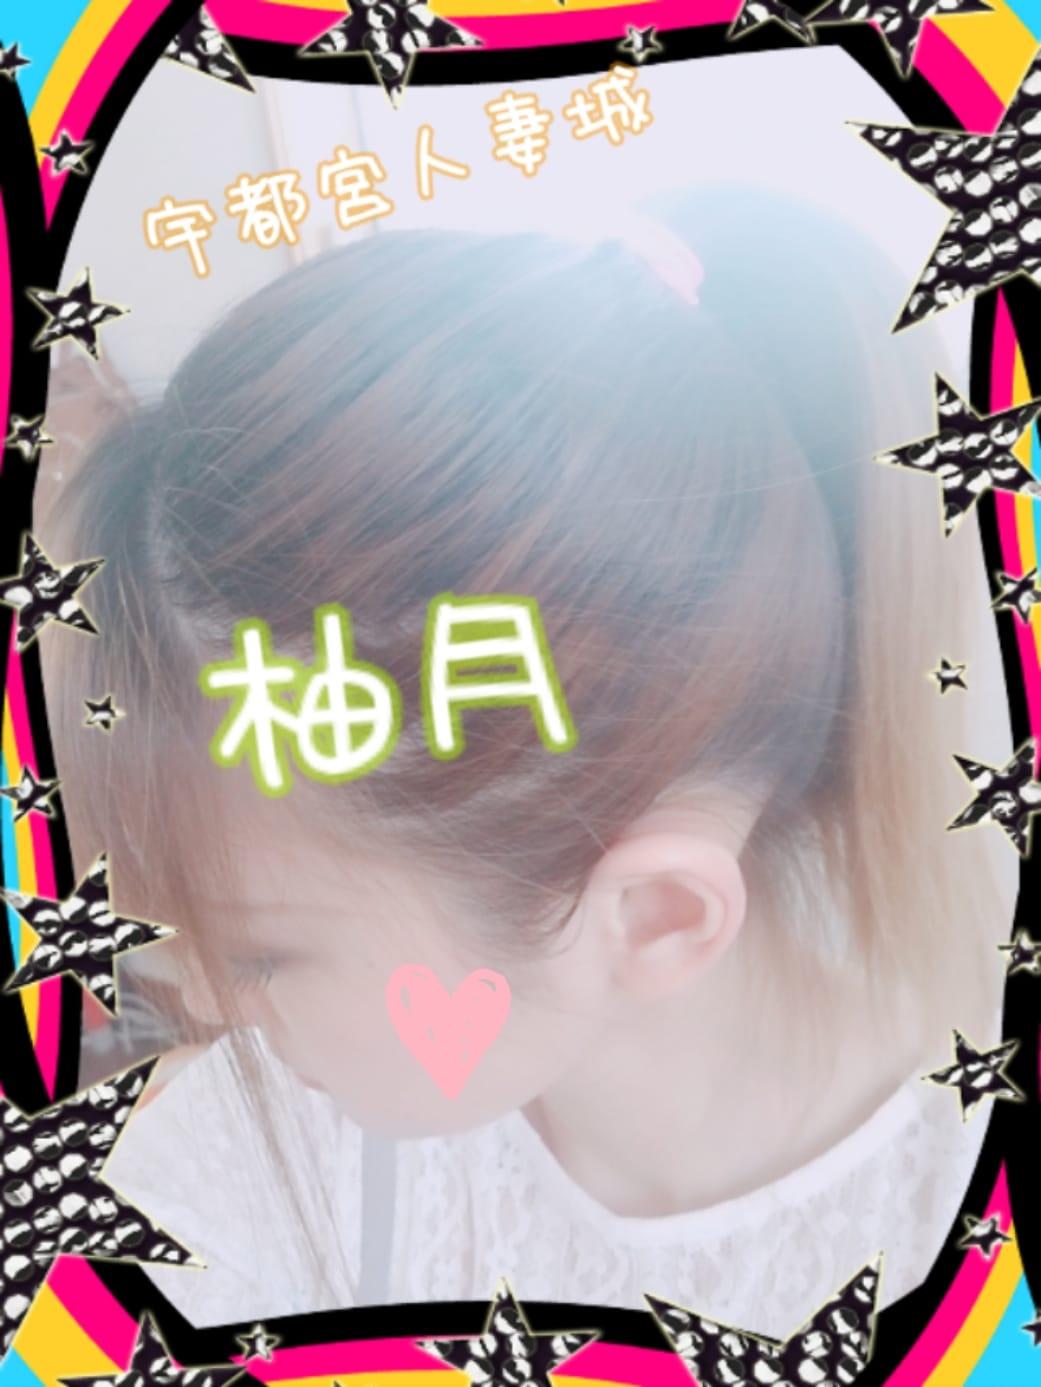 「こんばんは(^^)」04/23(04/23) 23:57 | 柚月の写メ・風俗動画